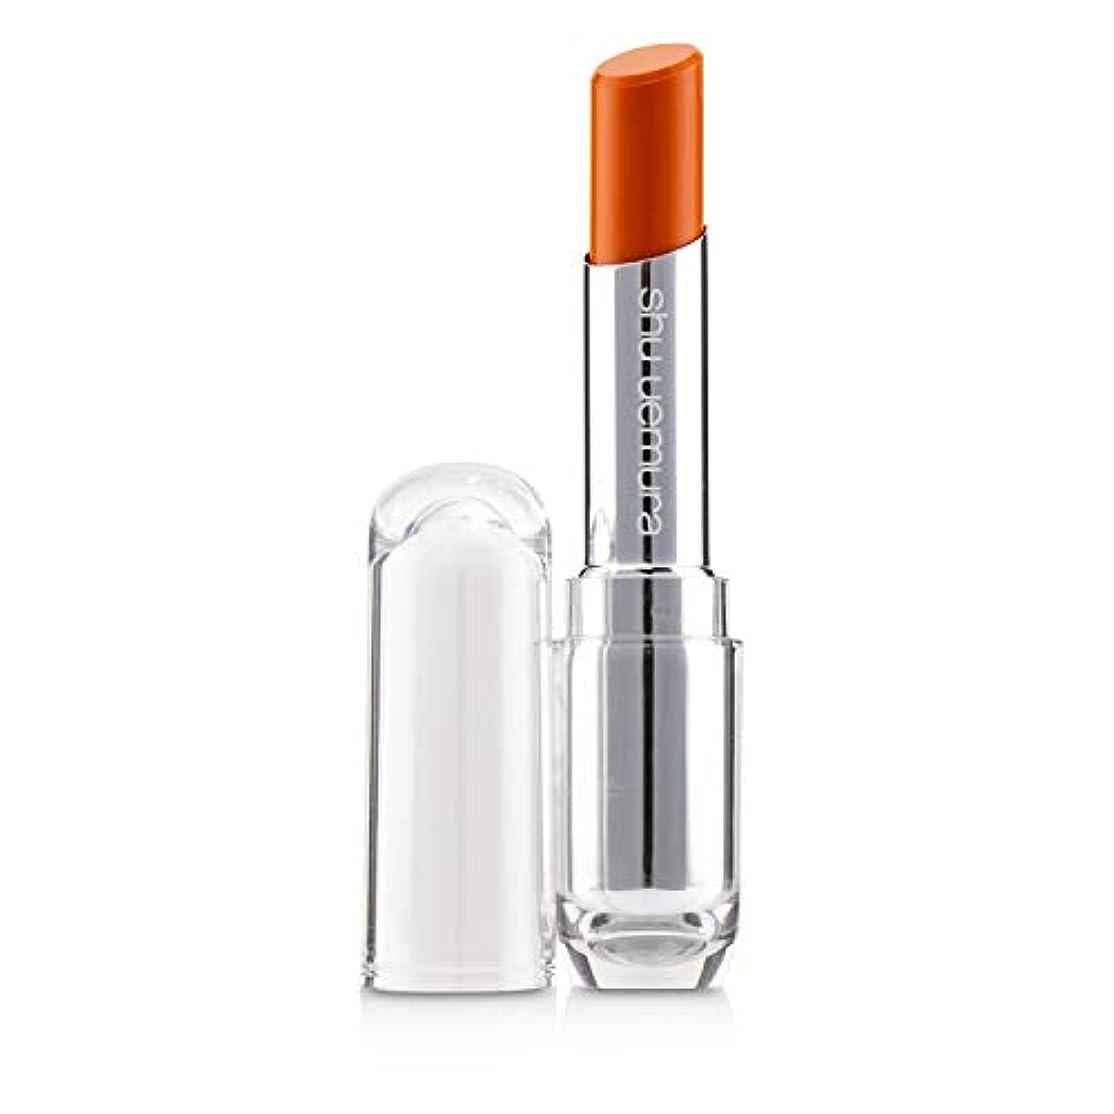 ガレージ四回男性シュウウエムラ Rouge Unlimited Sheer Shine Lipstick - # S OR 550 3.2g/0.01oz並行輸入品